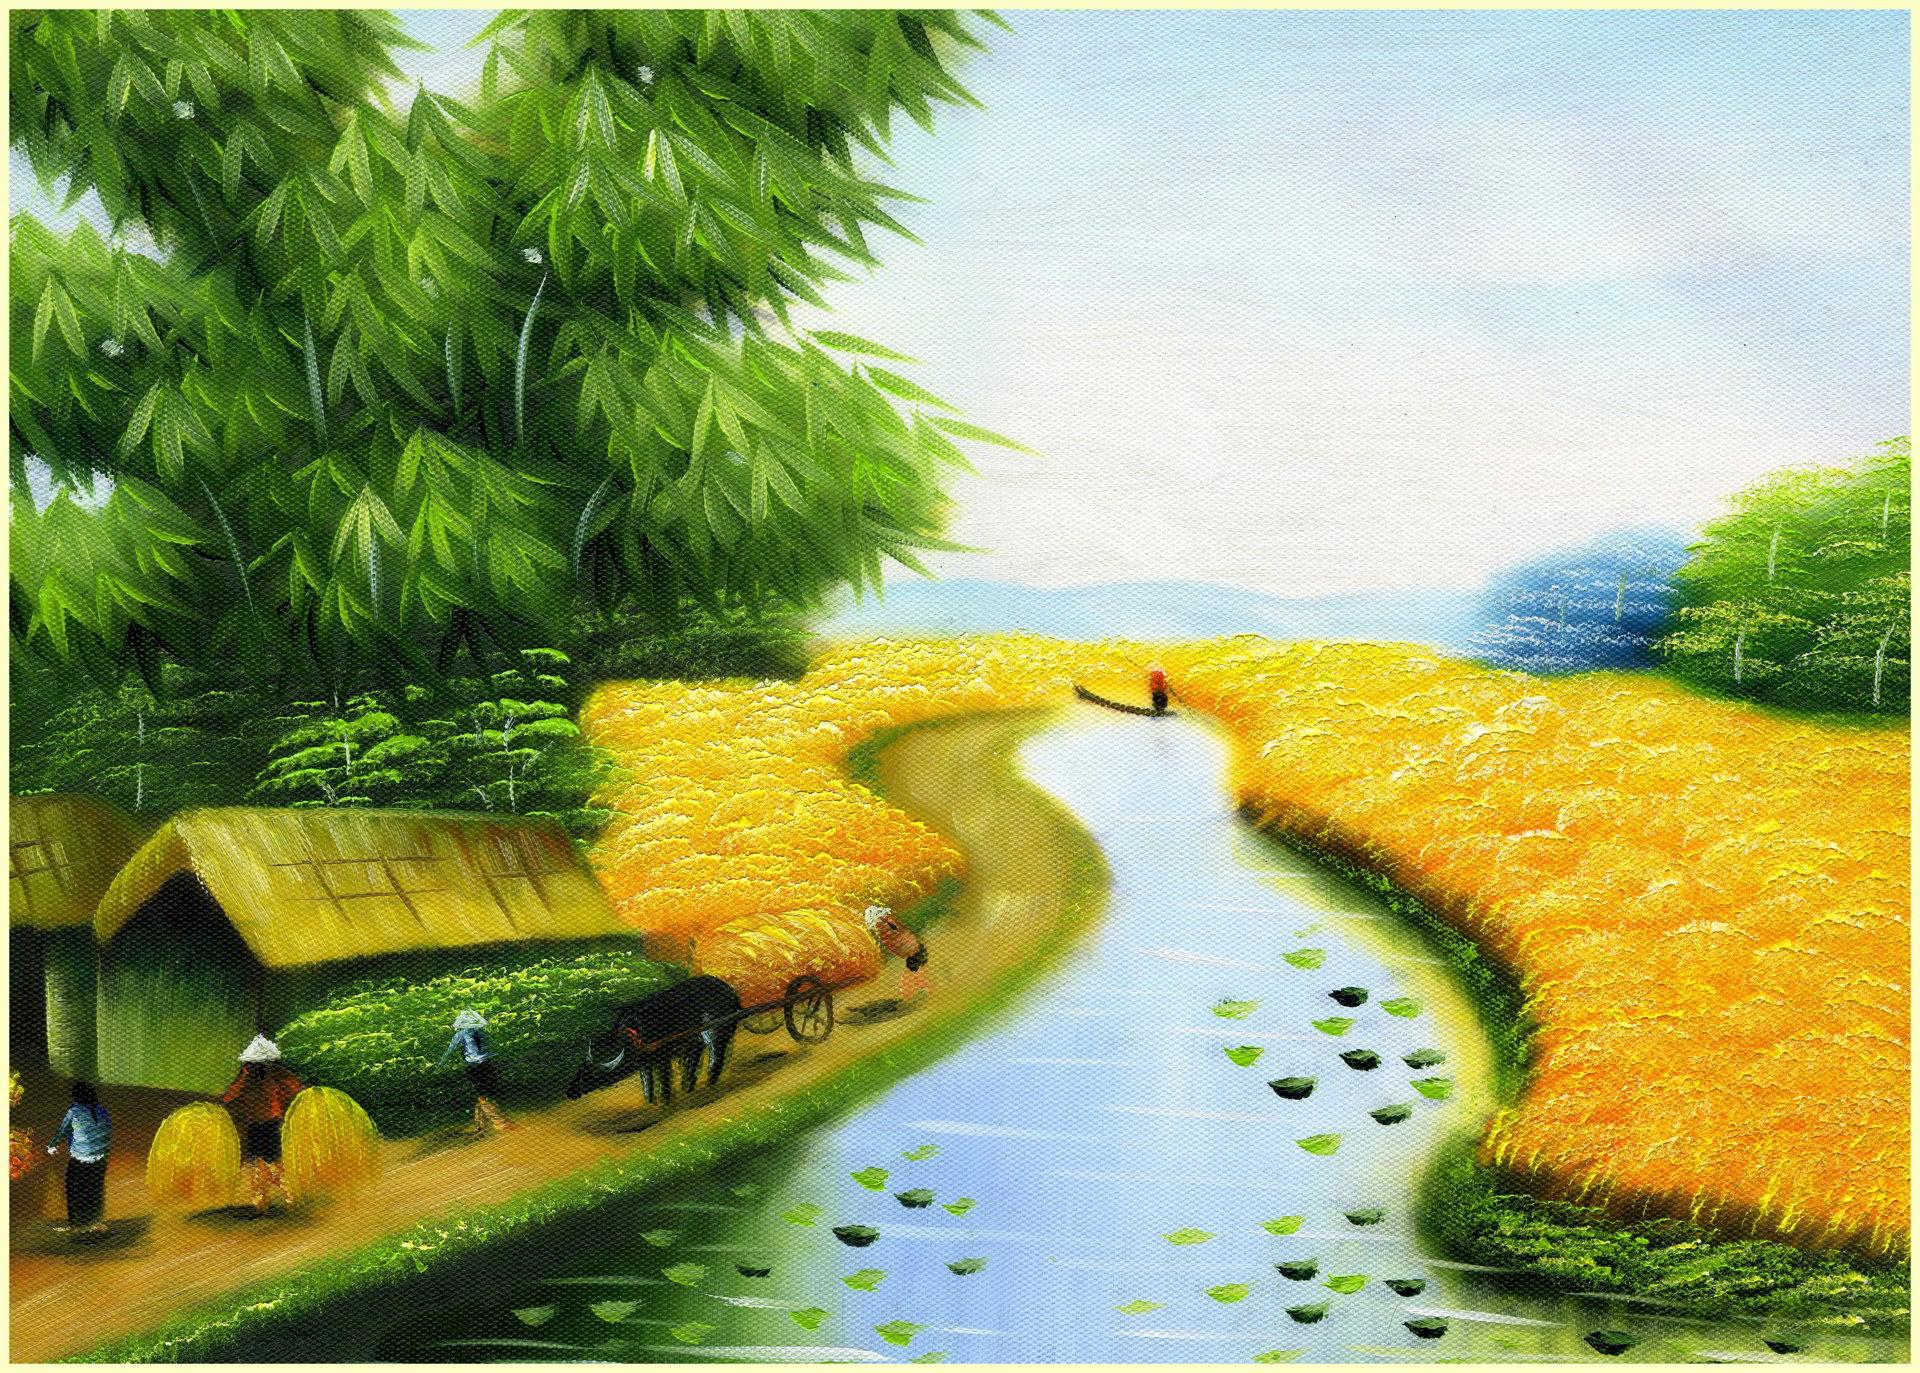 hình ảnh làng quê thanh bình